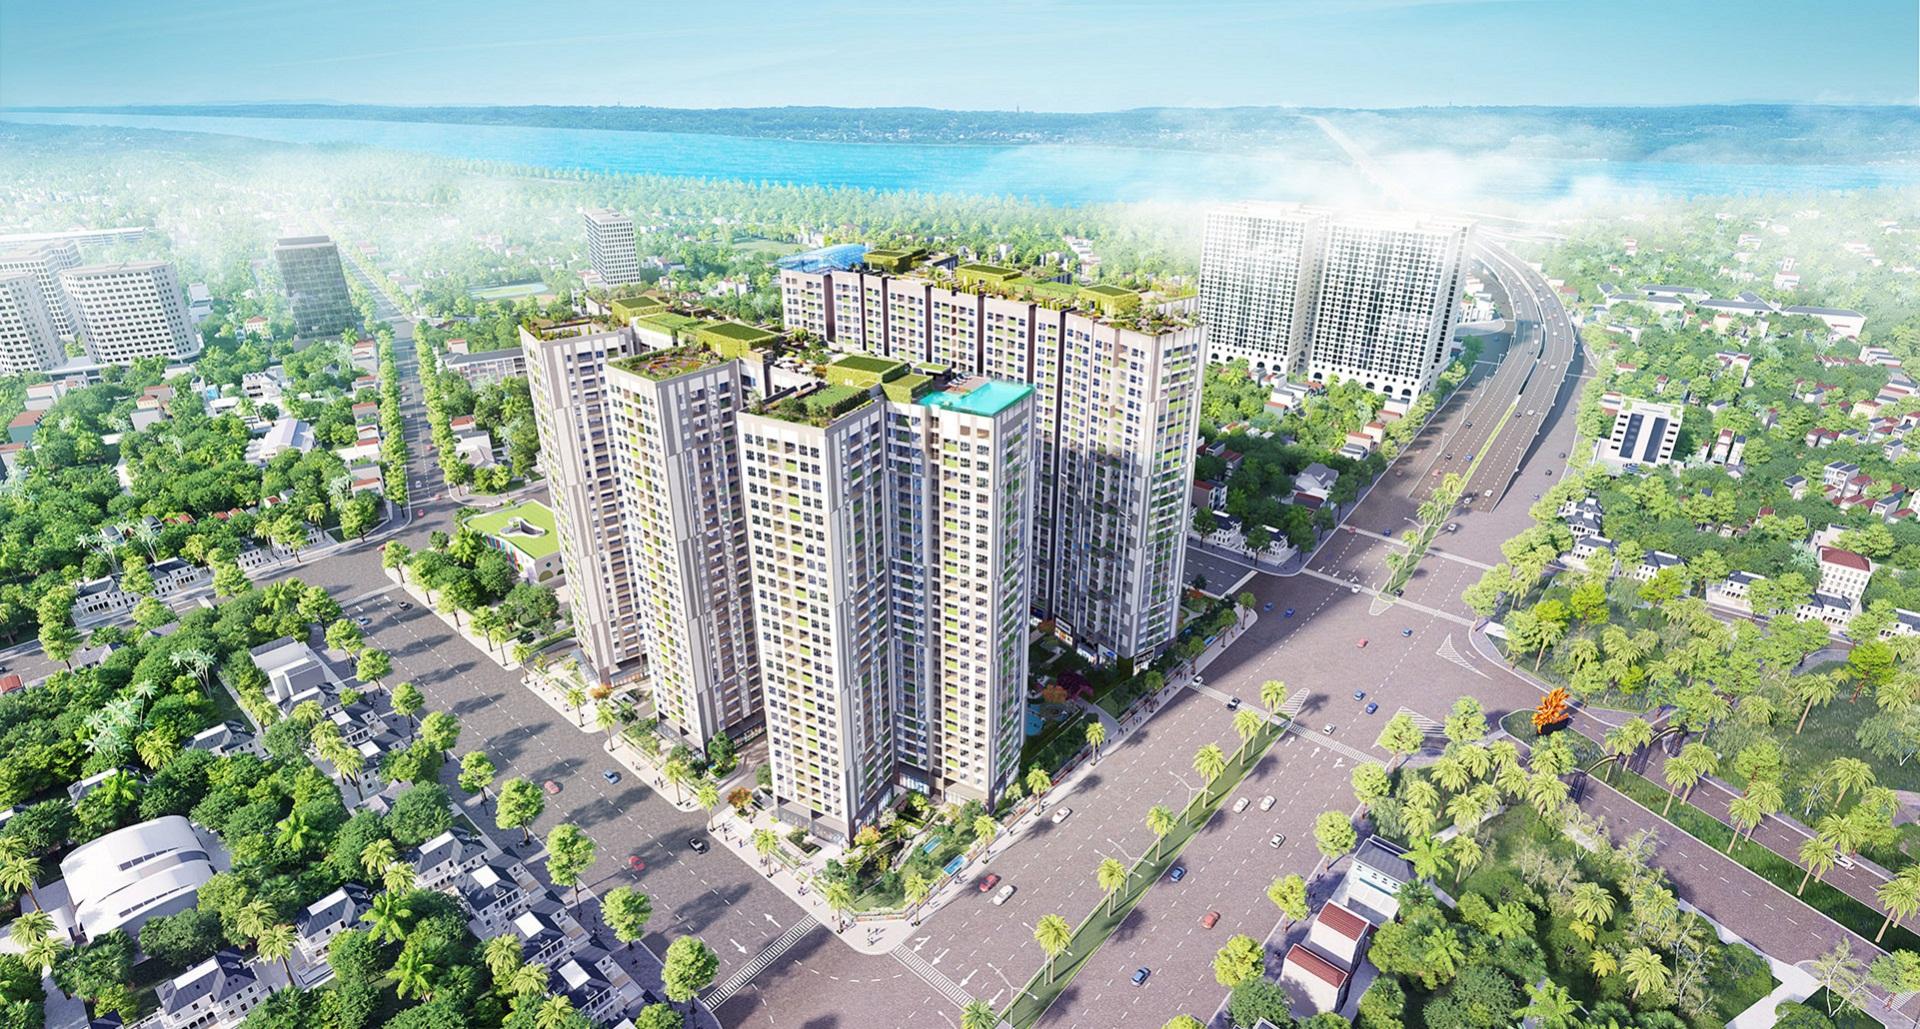 Tổ hợp căn hộ chung cư cao cấp Imperia Sky Garden chính thức ra mắt